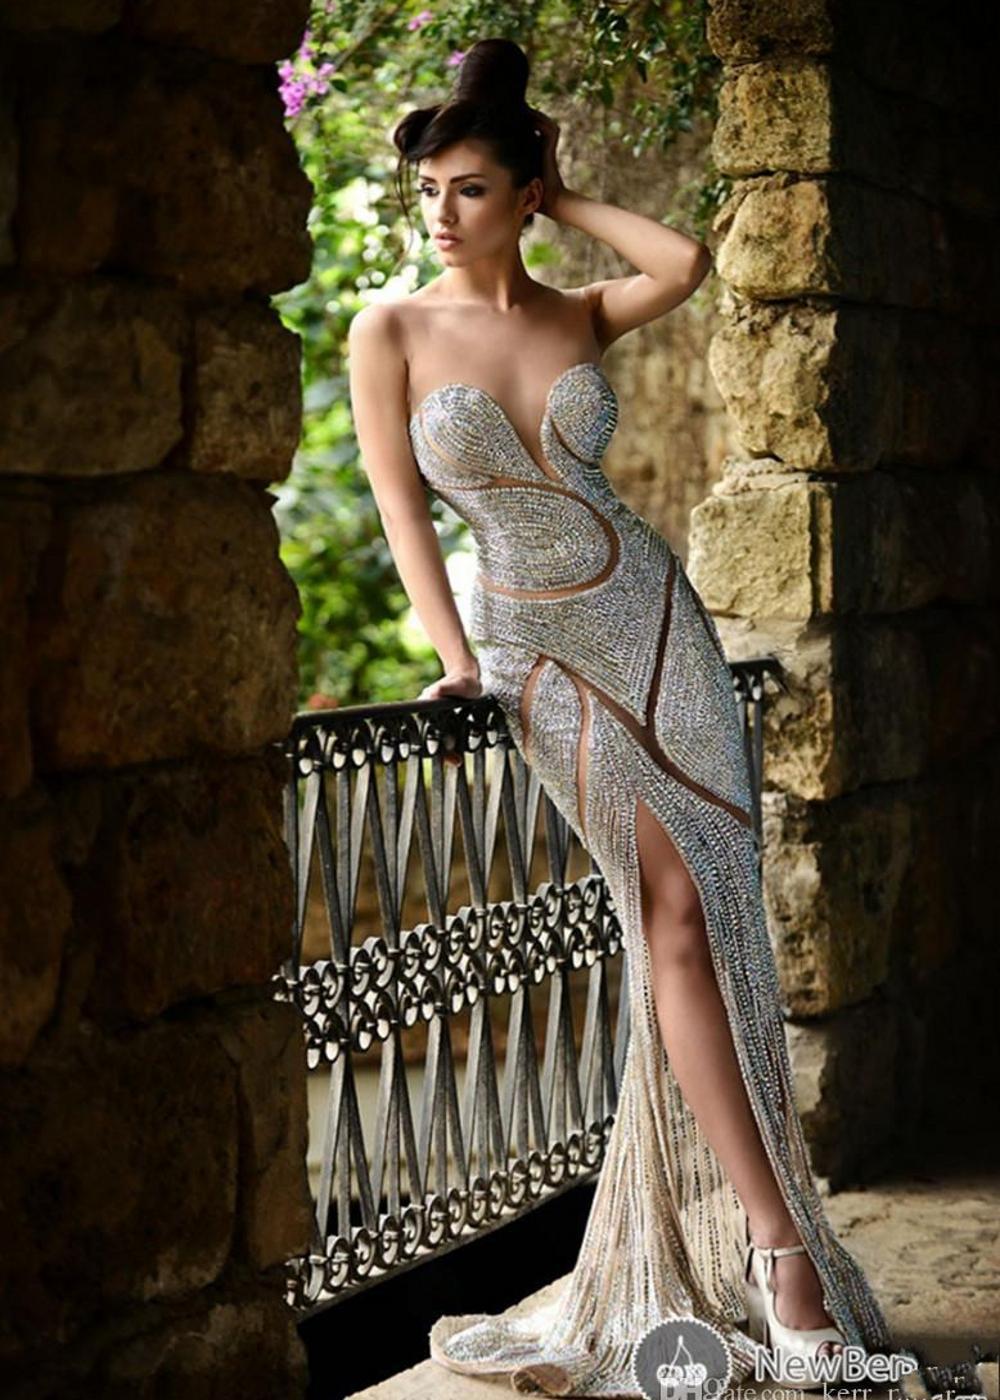 Vestidos de noche con cuentas de joyería de lujo diamantes de imitación de joyas de joya corsé sirena longitud de piso rojo alfombra rojo celebridad vestidos de fiesta